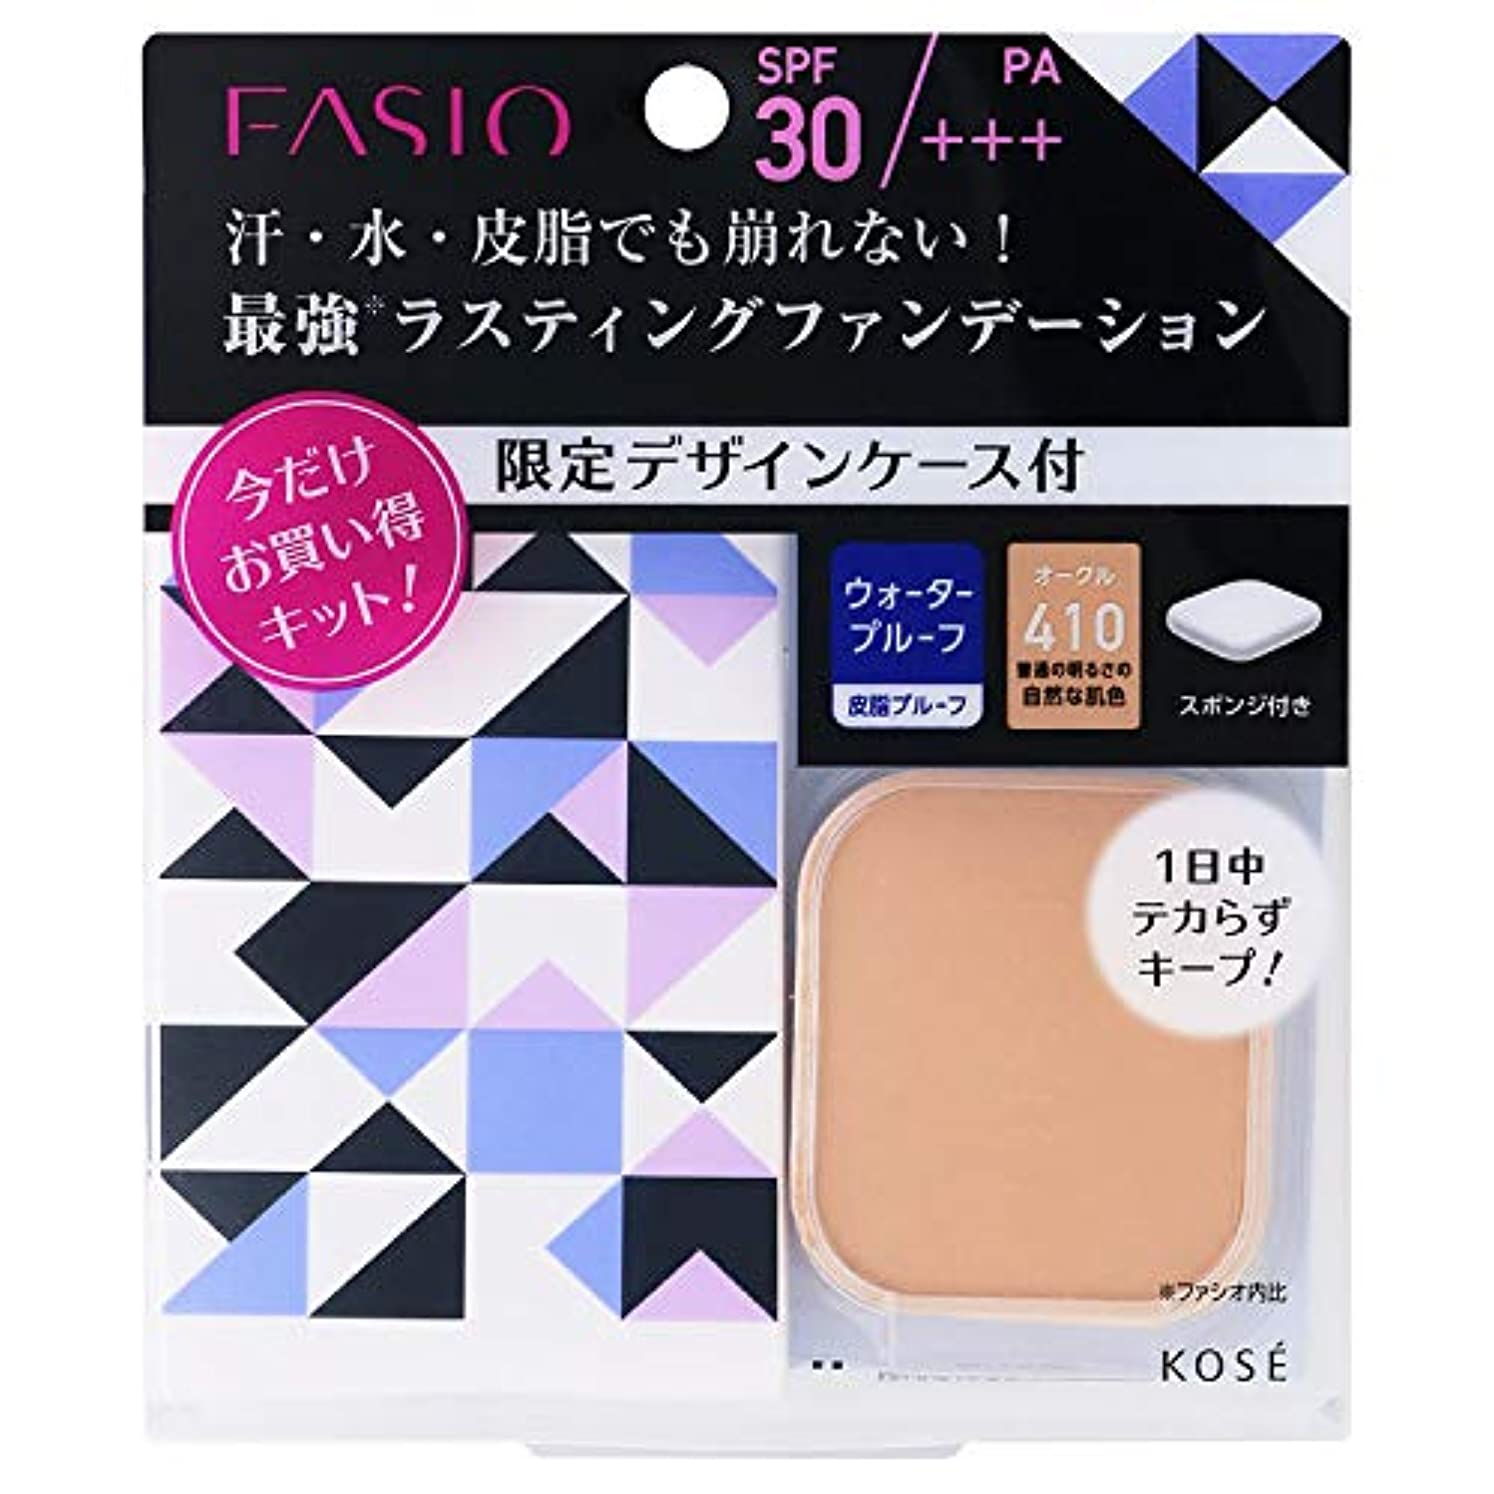 告白恥ずかしさ女将ファシオ ラスティング ファンデーション WP キット 3 410 オークル 普通の明るさの自然な肌色 10g